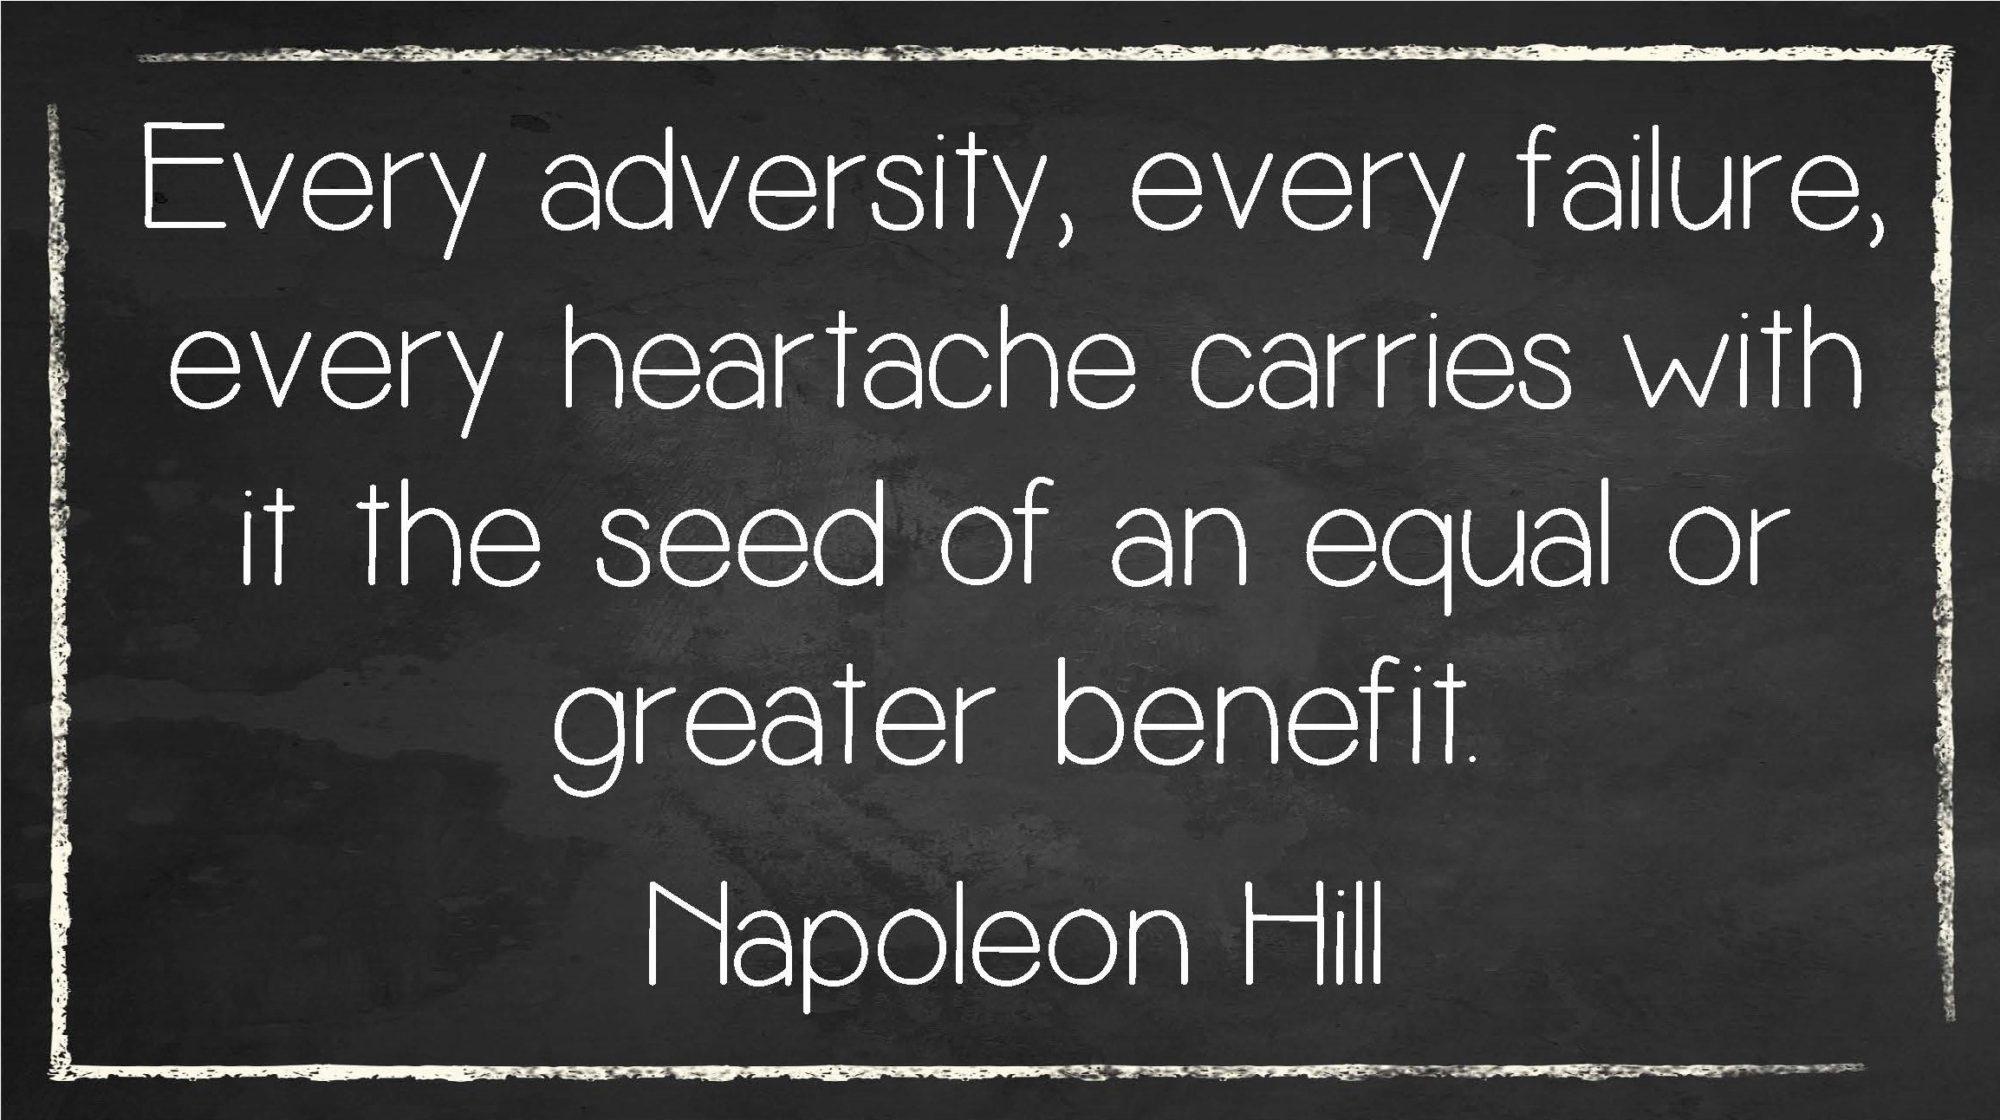 Every adversity Quote